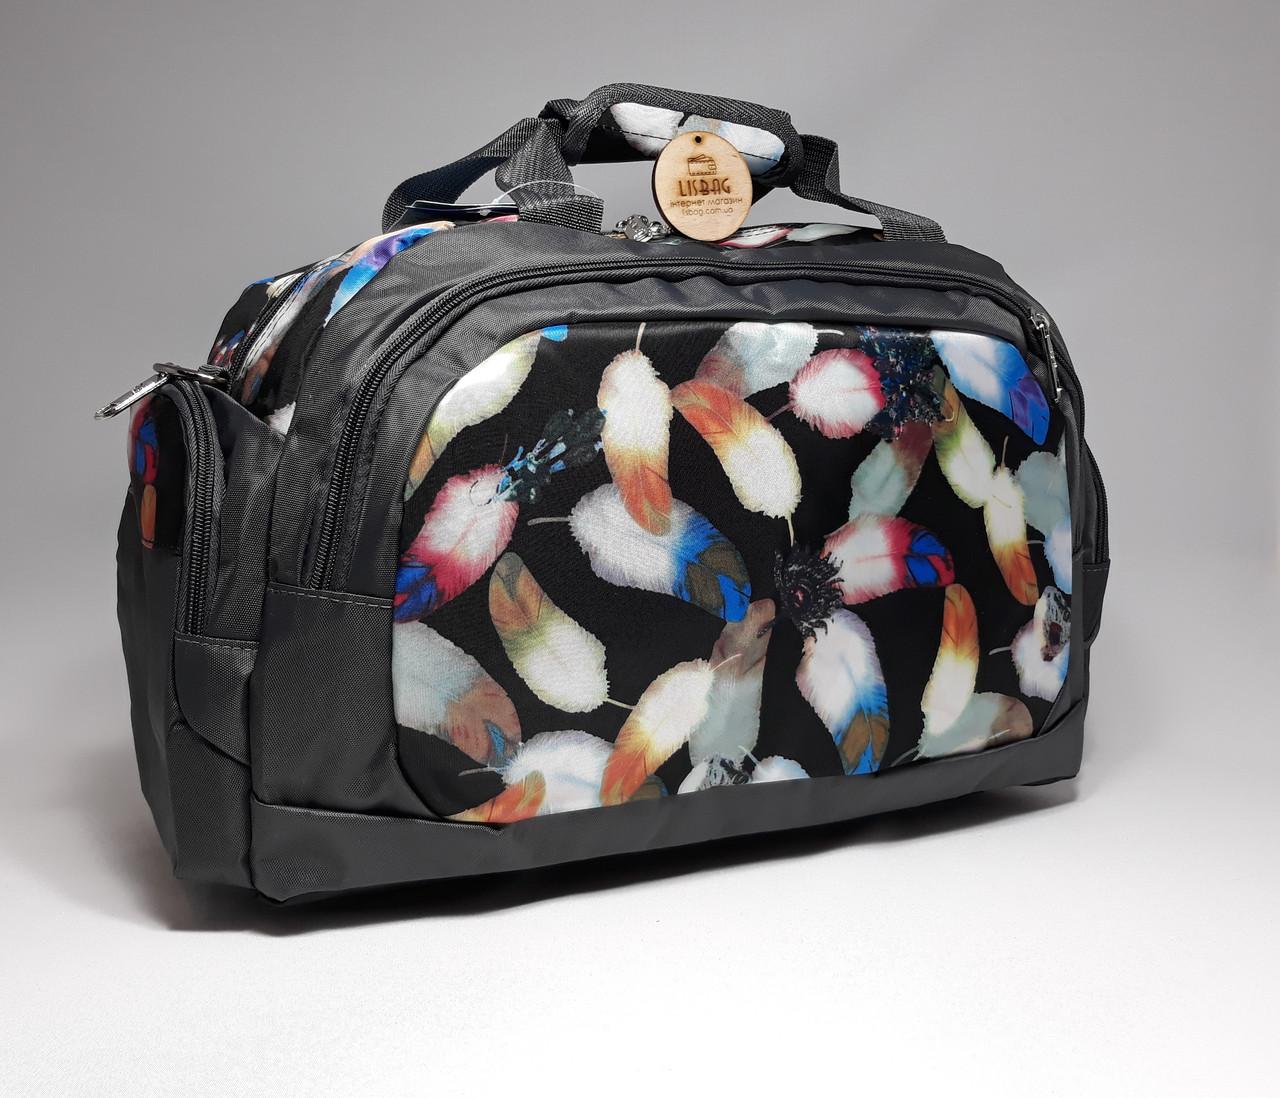 443c6771b99c ... Спортивная сумка на каждый день прикольный принт прочная новинка, ...